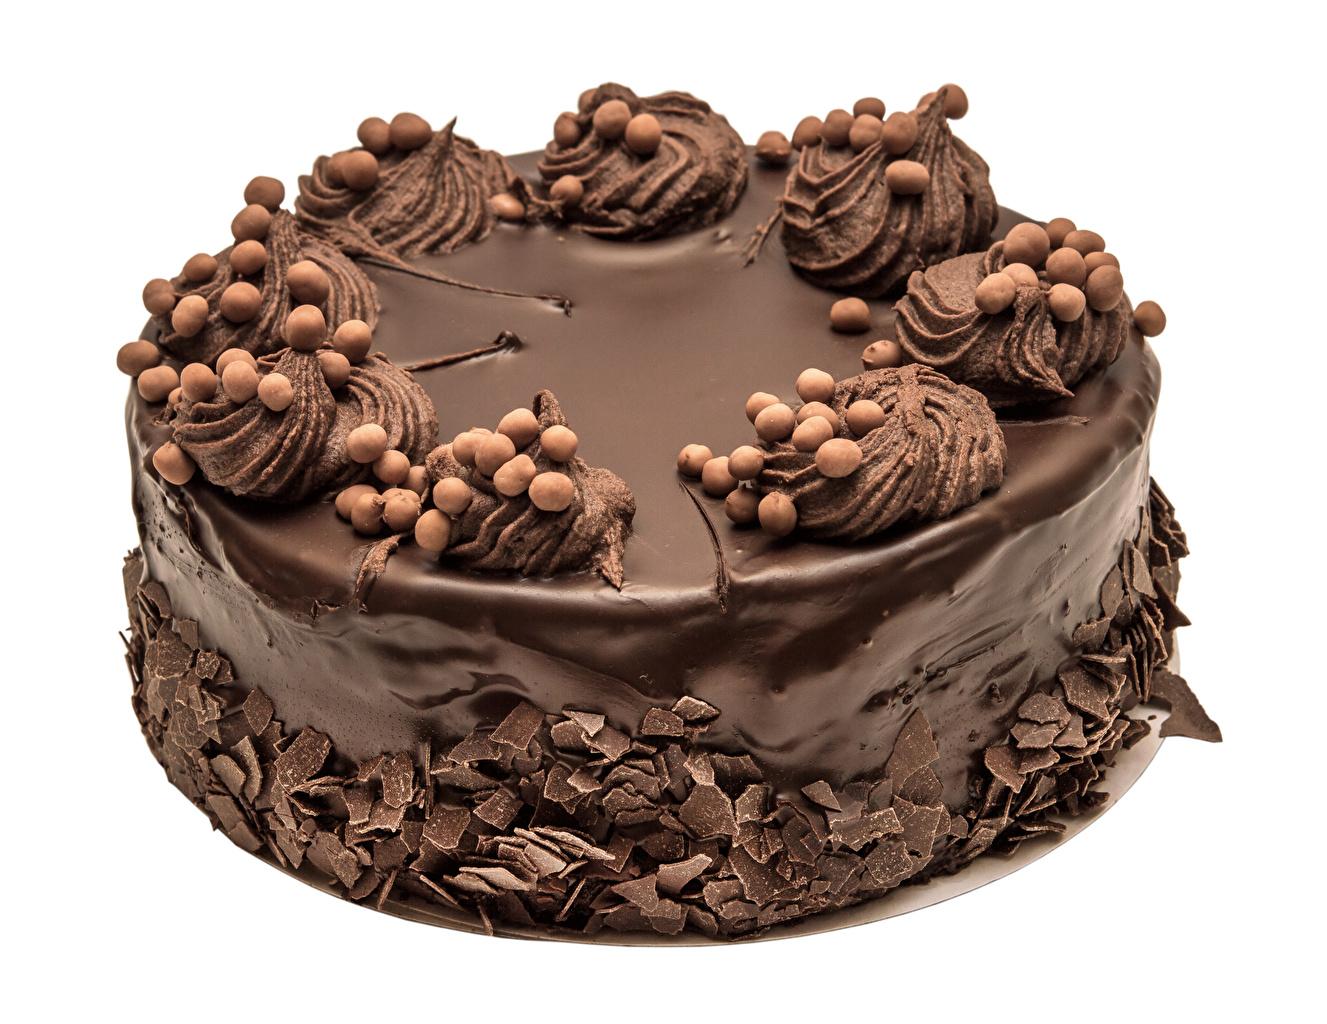 Обои Шоколад Торты Продукты питания Сладости Белый фон Дизайн Еда Пища